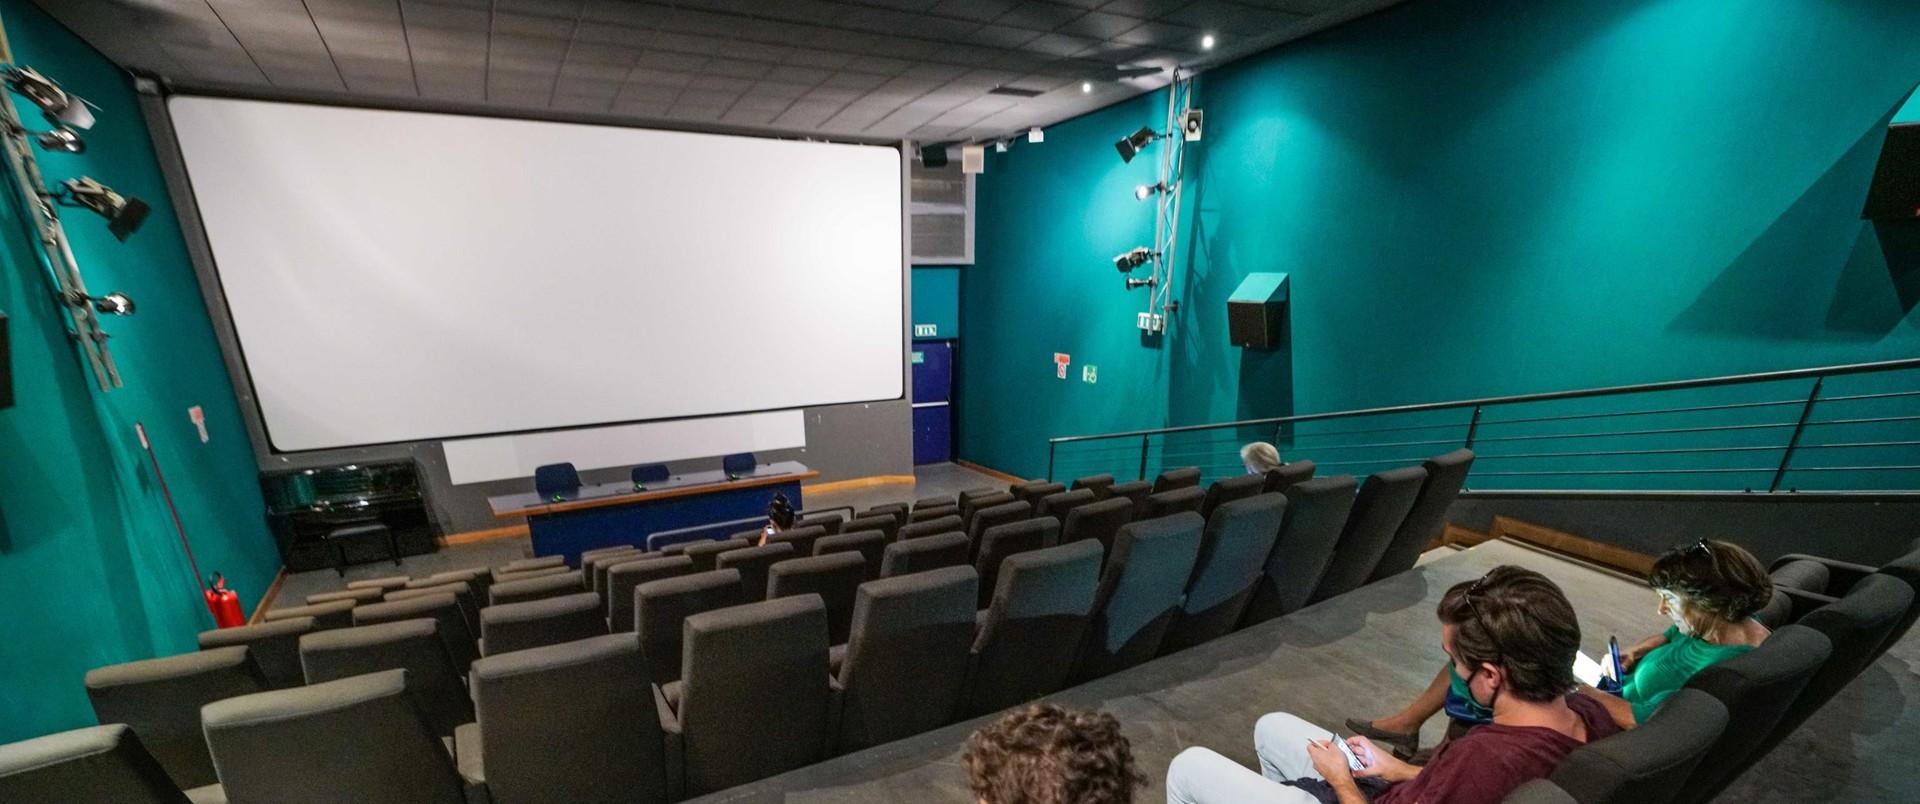 Czy filmowe hity mogę być źródłem wiedzy o finansach?